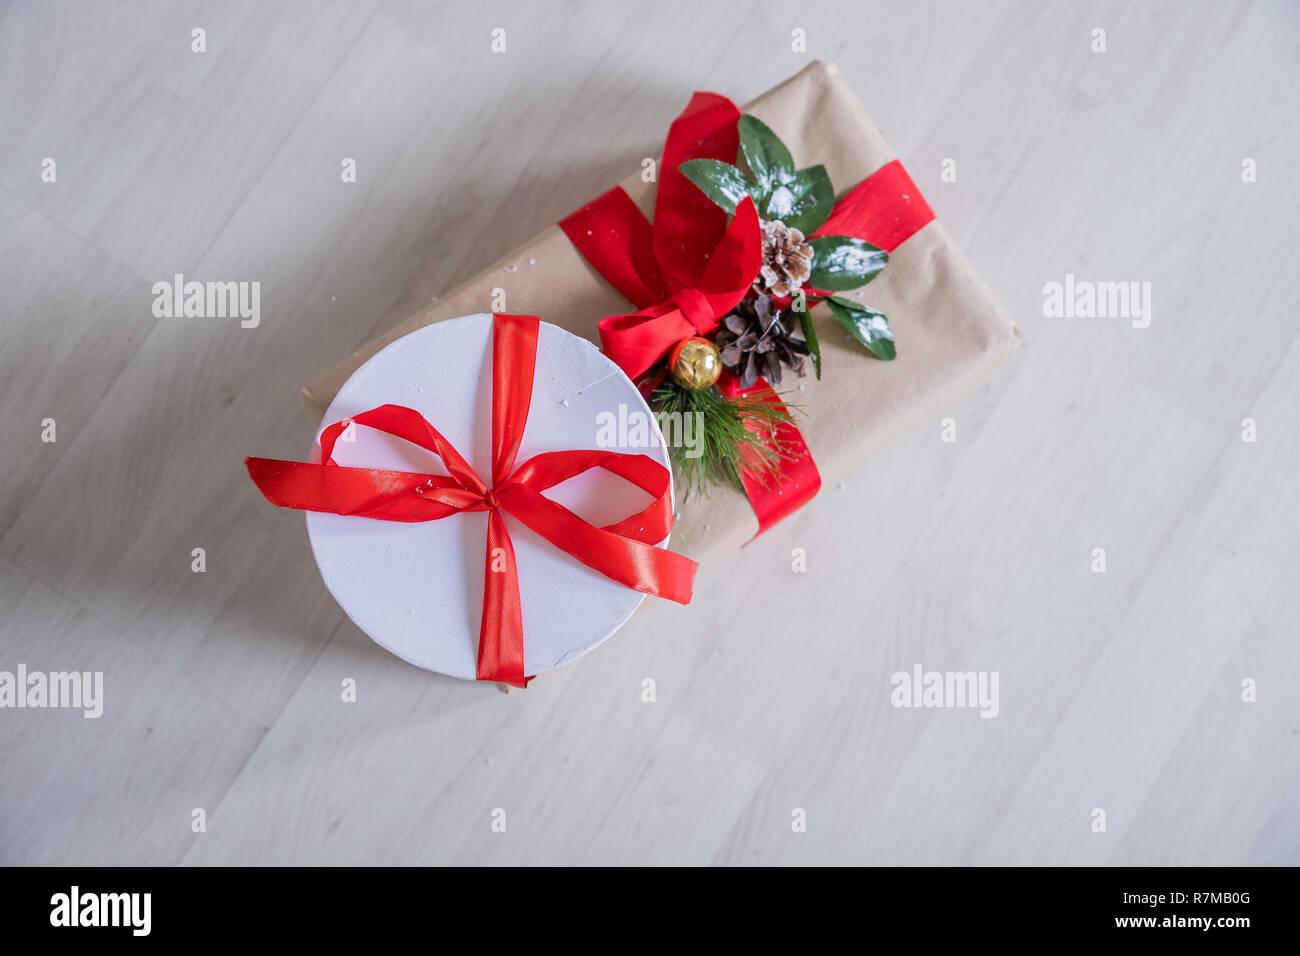 Regali Di Natale In Legno.I Regali Di Natale E Ornamenti In Legno Sfondo Avvolto Regali Di